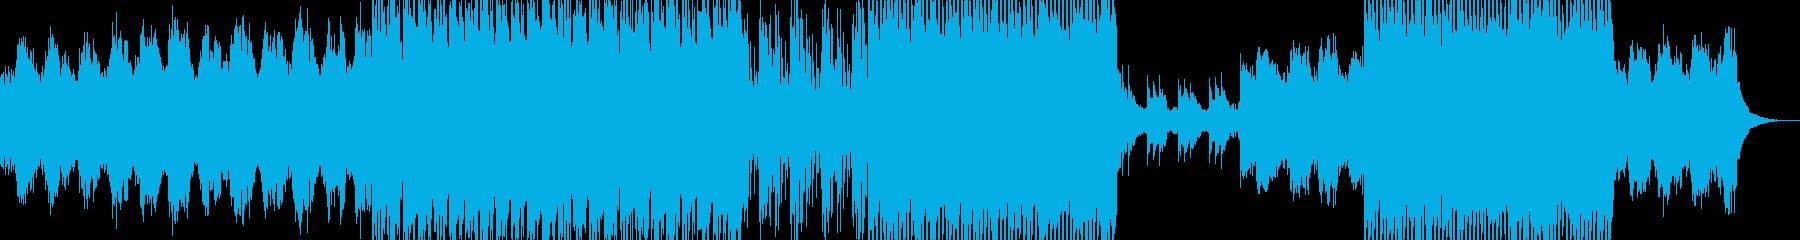 ヒーリング系ヒップホップの再生済みの波形